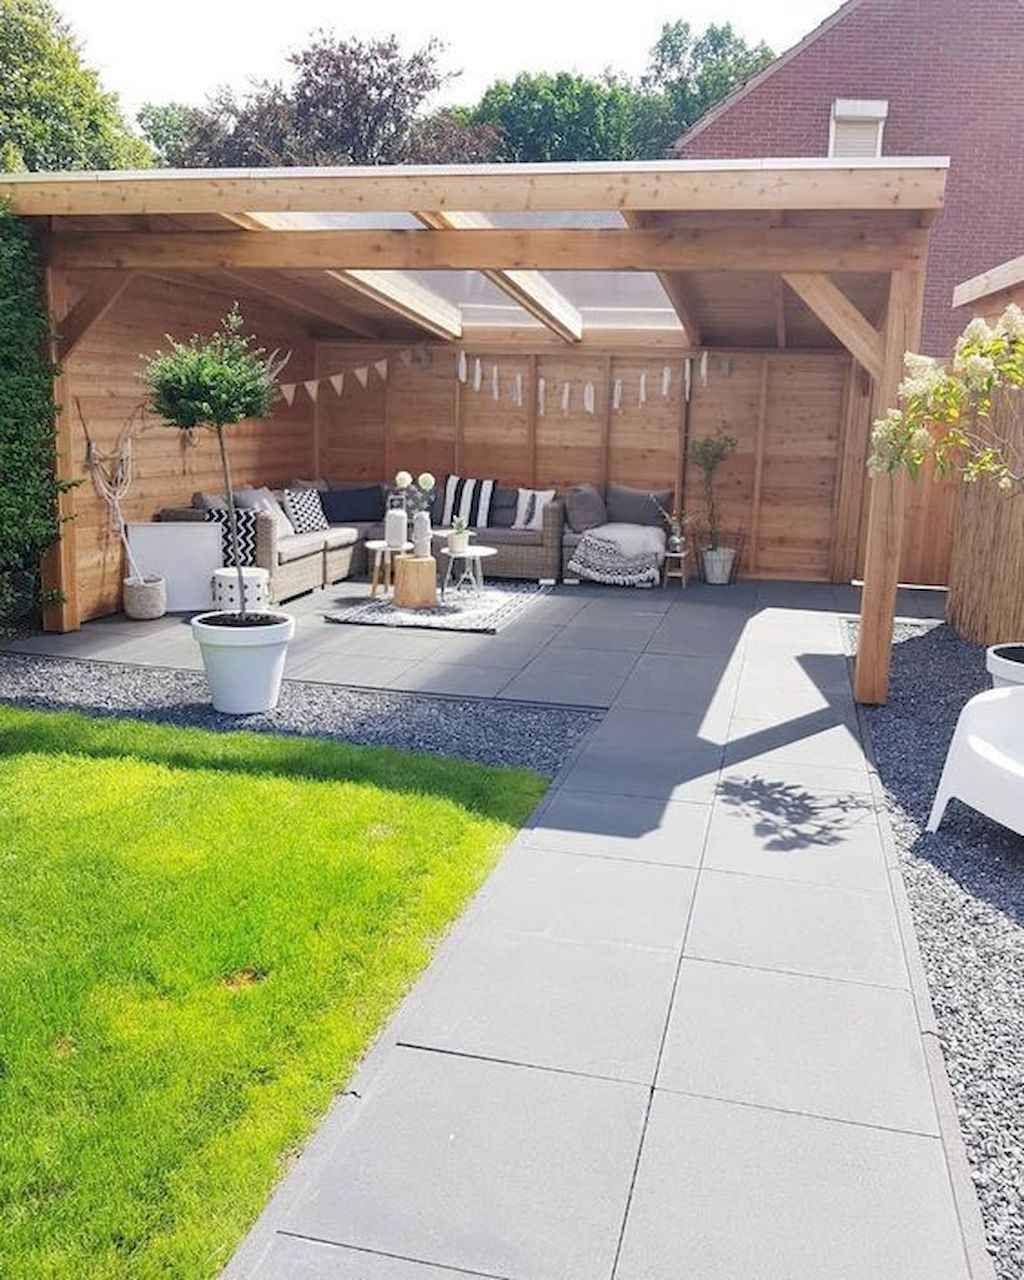 Best Small Backyard Landscaping Ideas And Design On A Budget Backyard Garden Landscape Diy Backyard Landscaping Backyard Patio